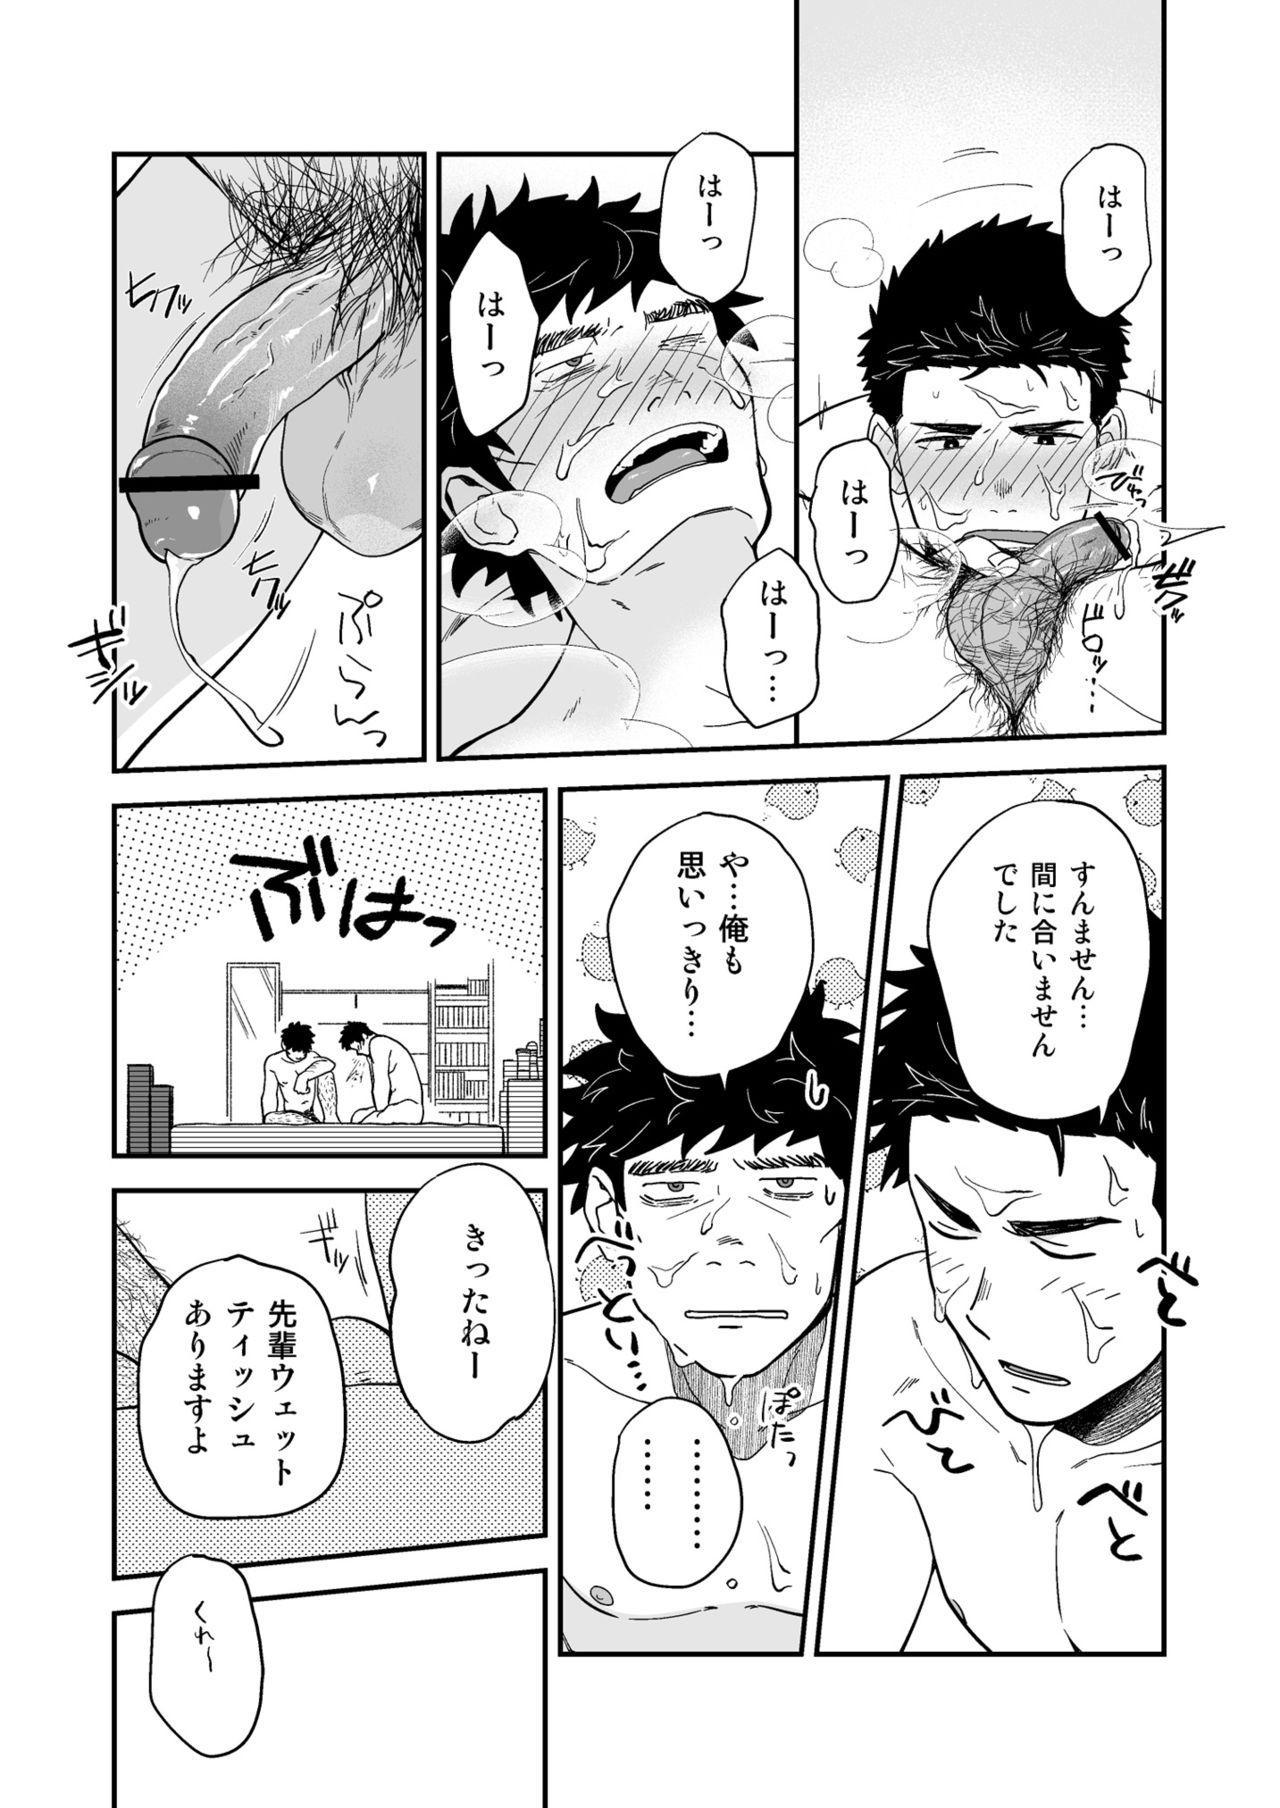 Endou to Senpai 30